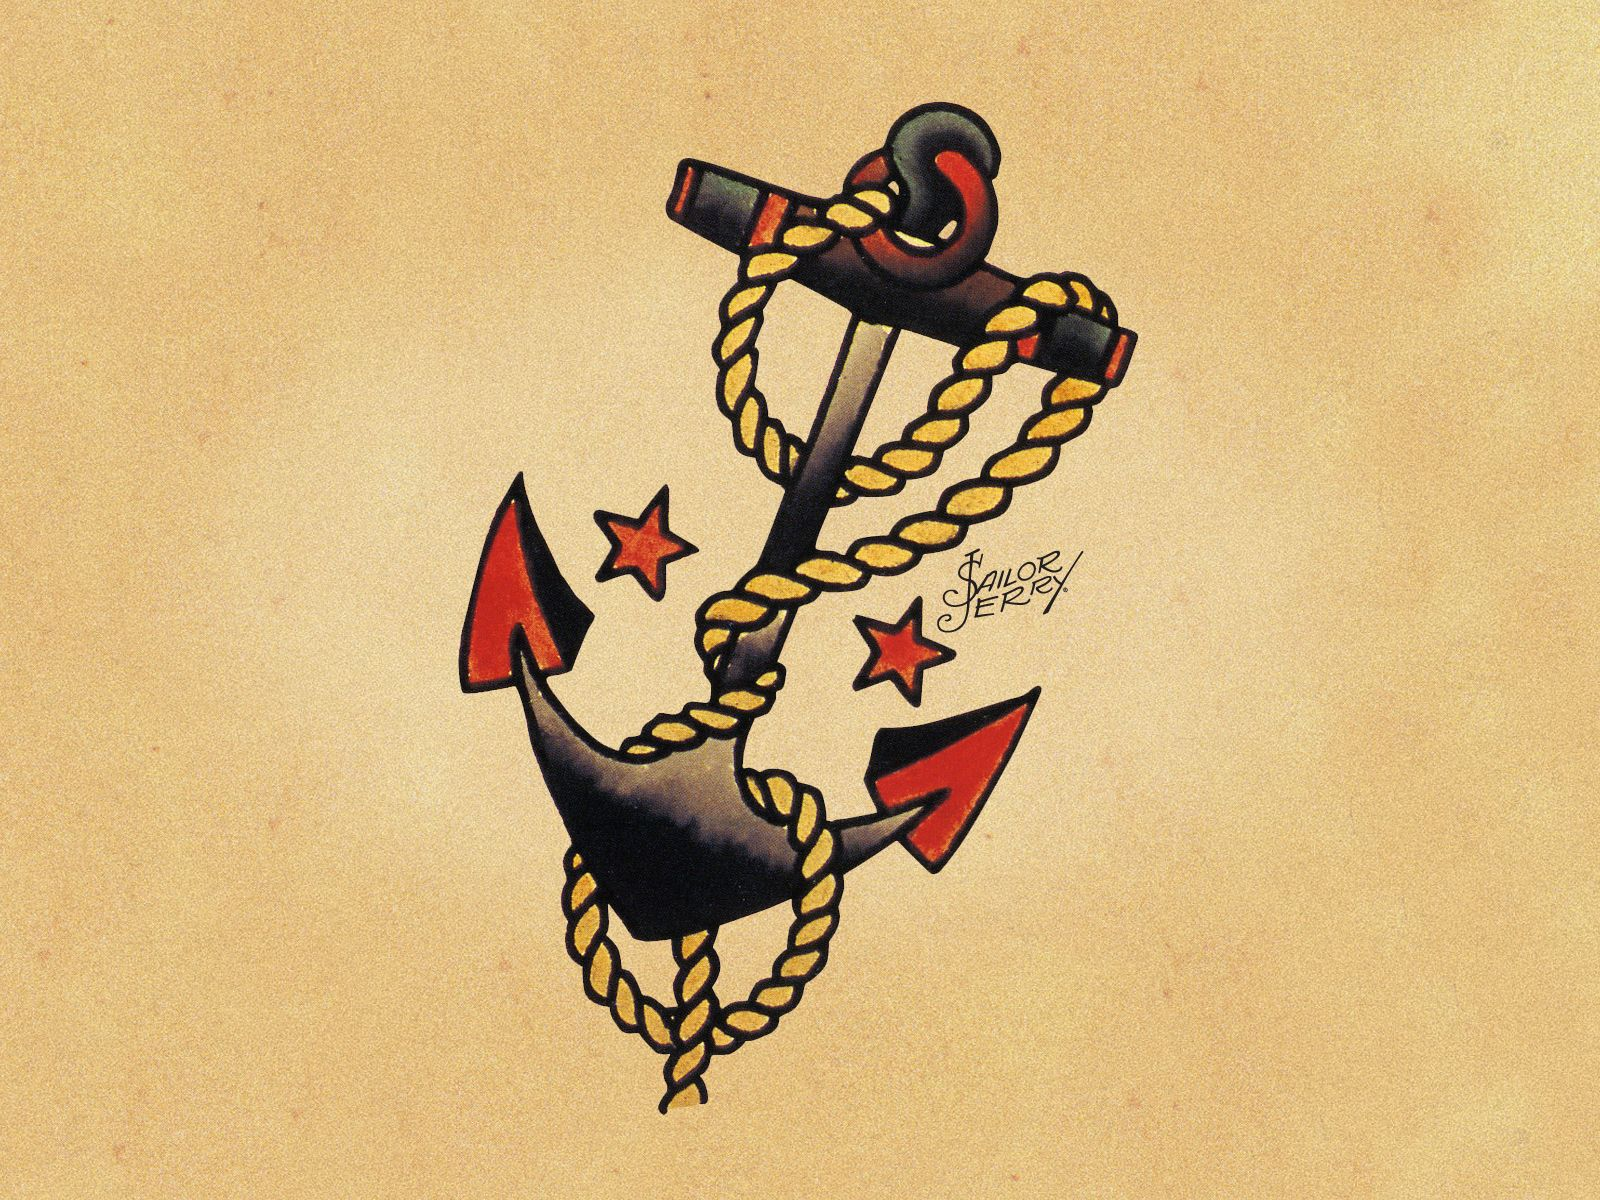 Sailor Jerry | Hawaii | Pinterest | Sailor jerry, Sailor and ...